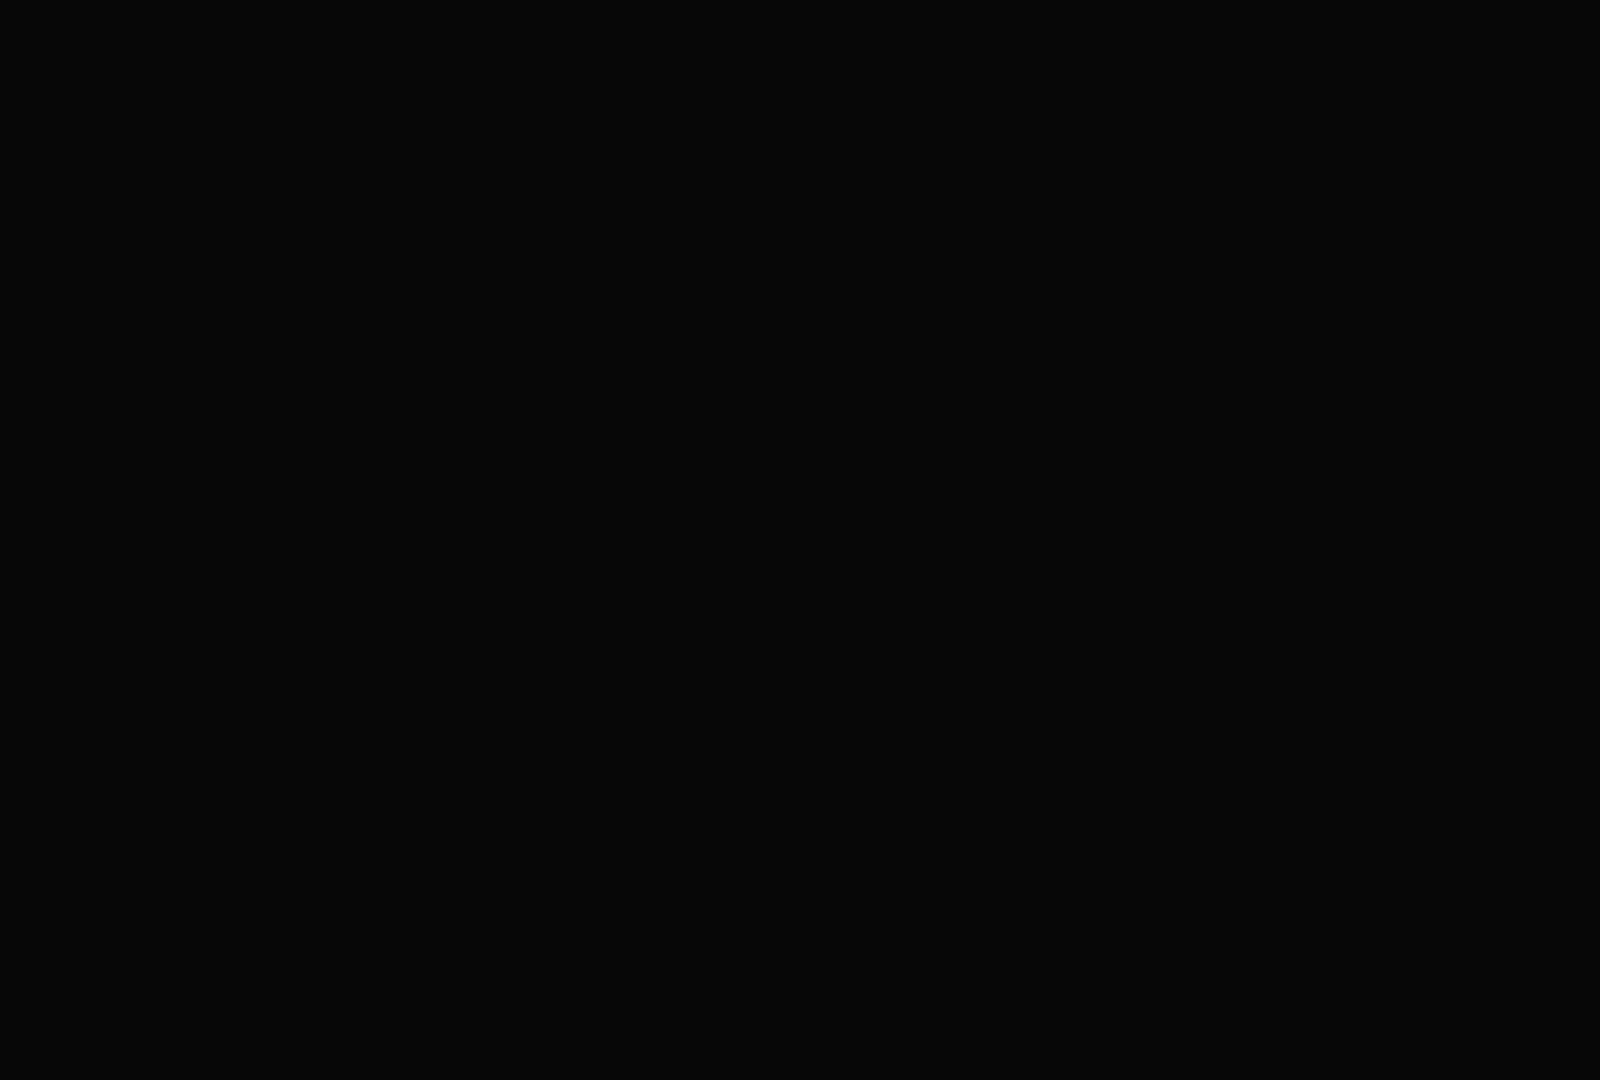 充血監督の深夜の運動会Vol.48 現役ギャル のぞき動画画像 95pic 32